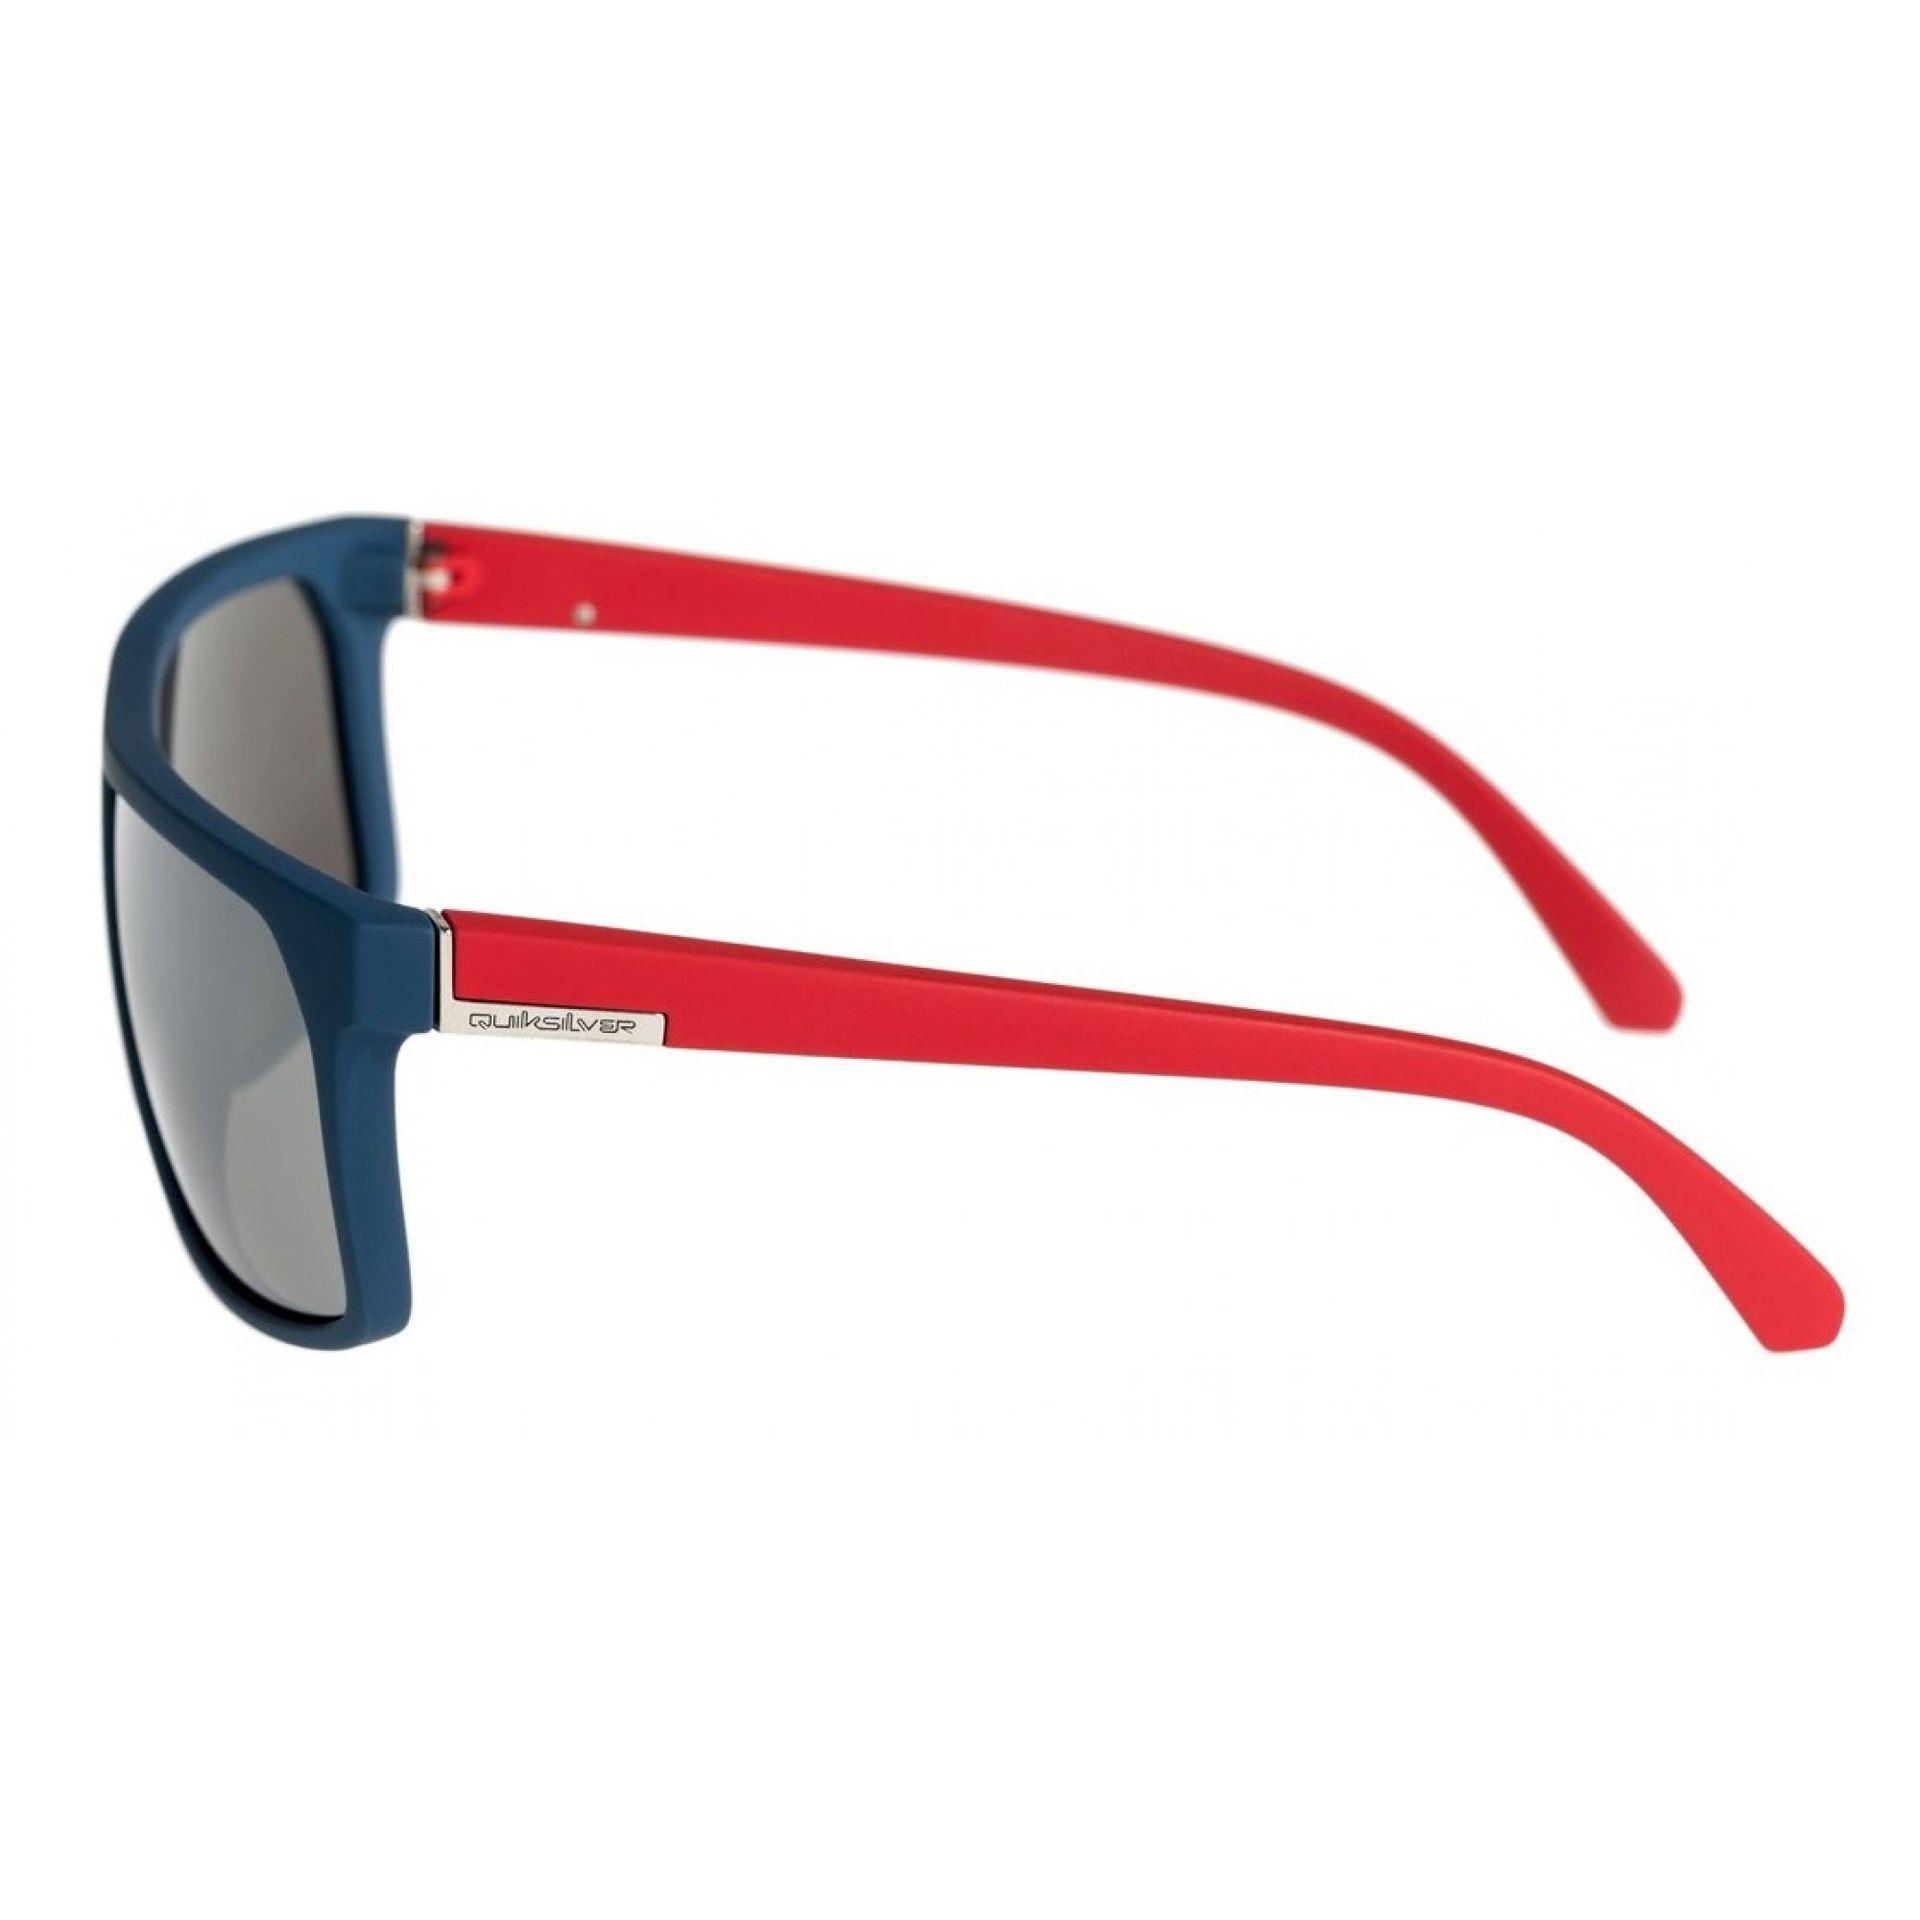 Okulary Quiksilver Moonwalker widok z boku czerwony